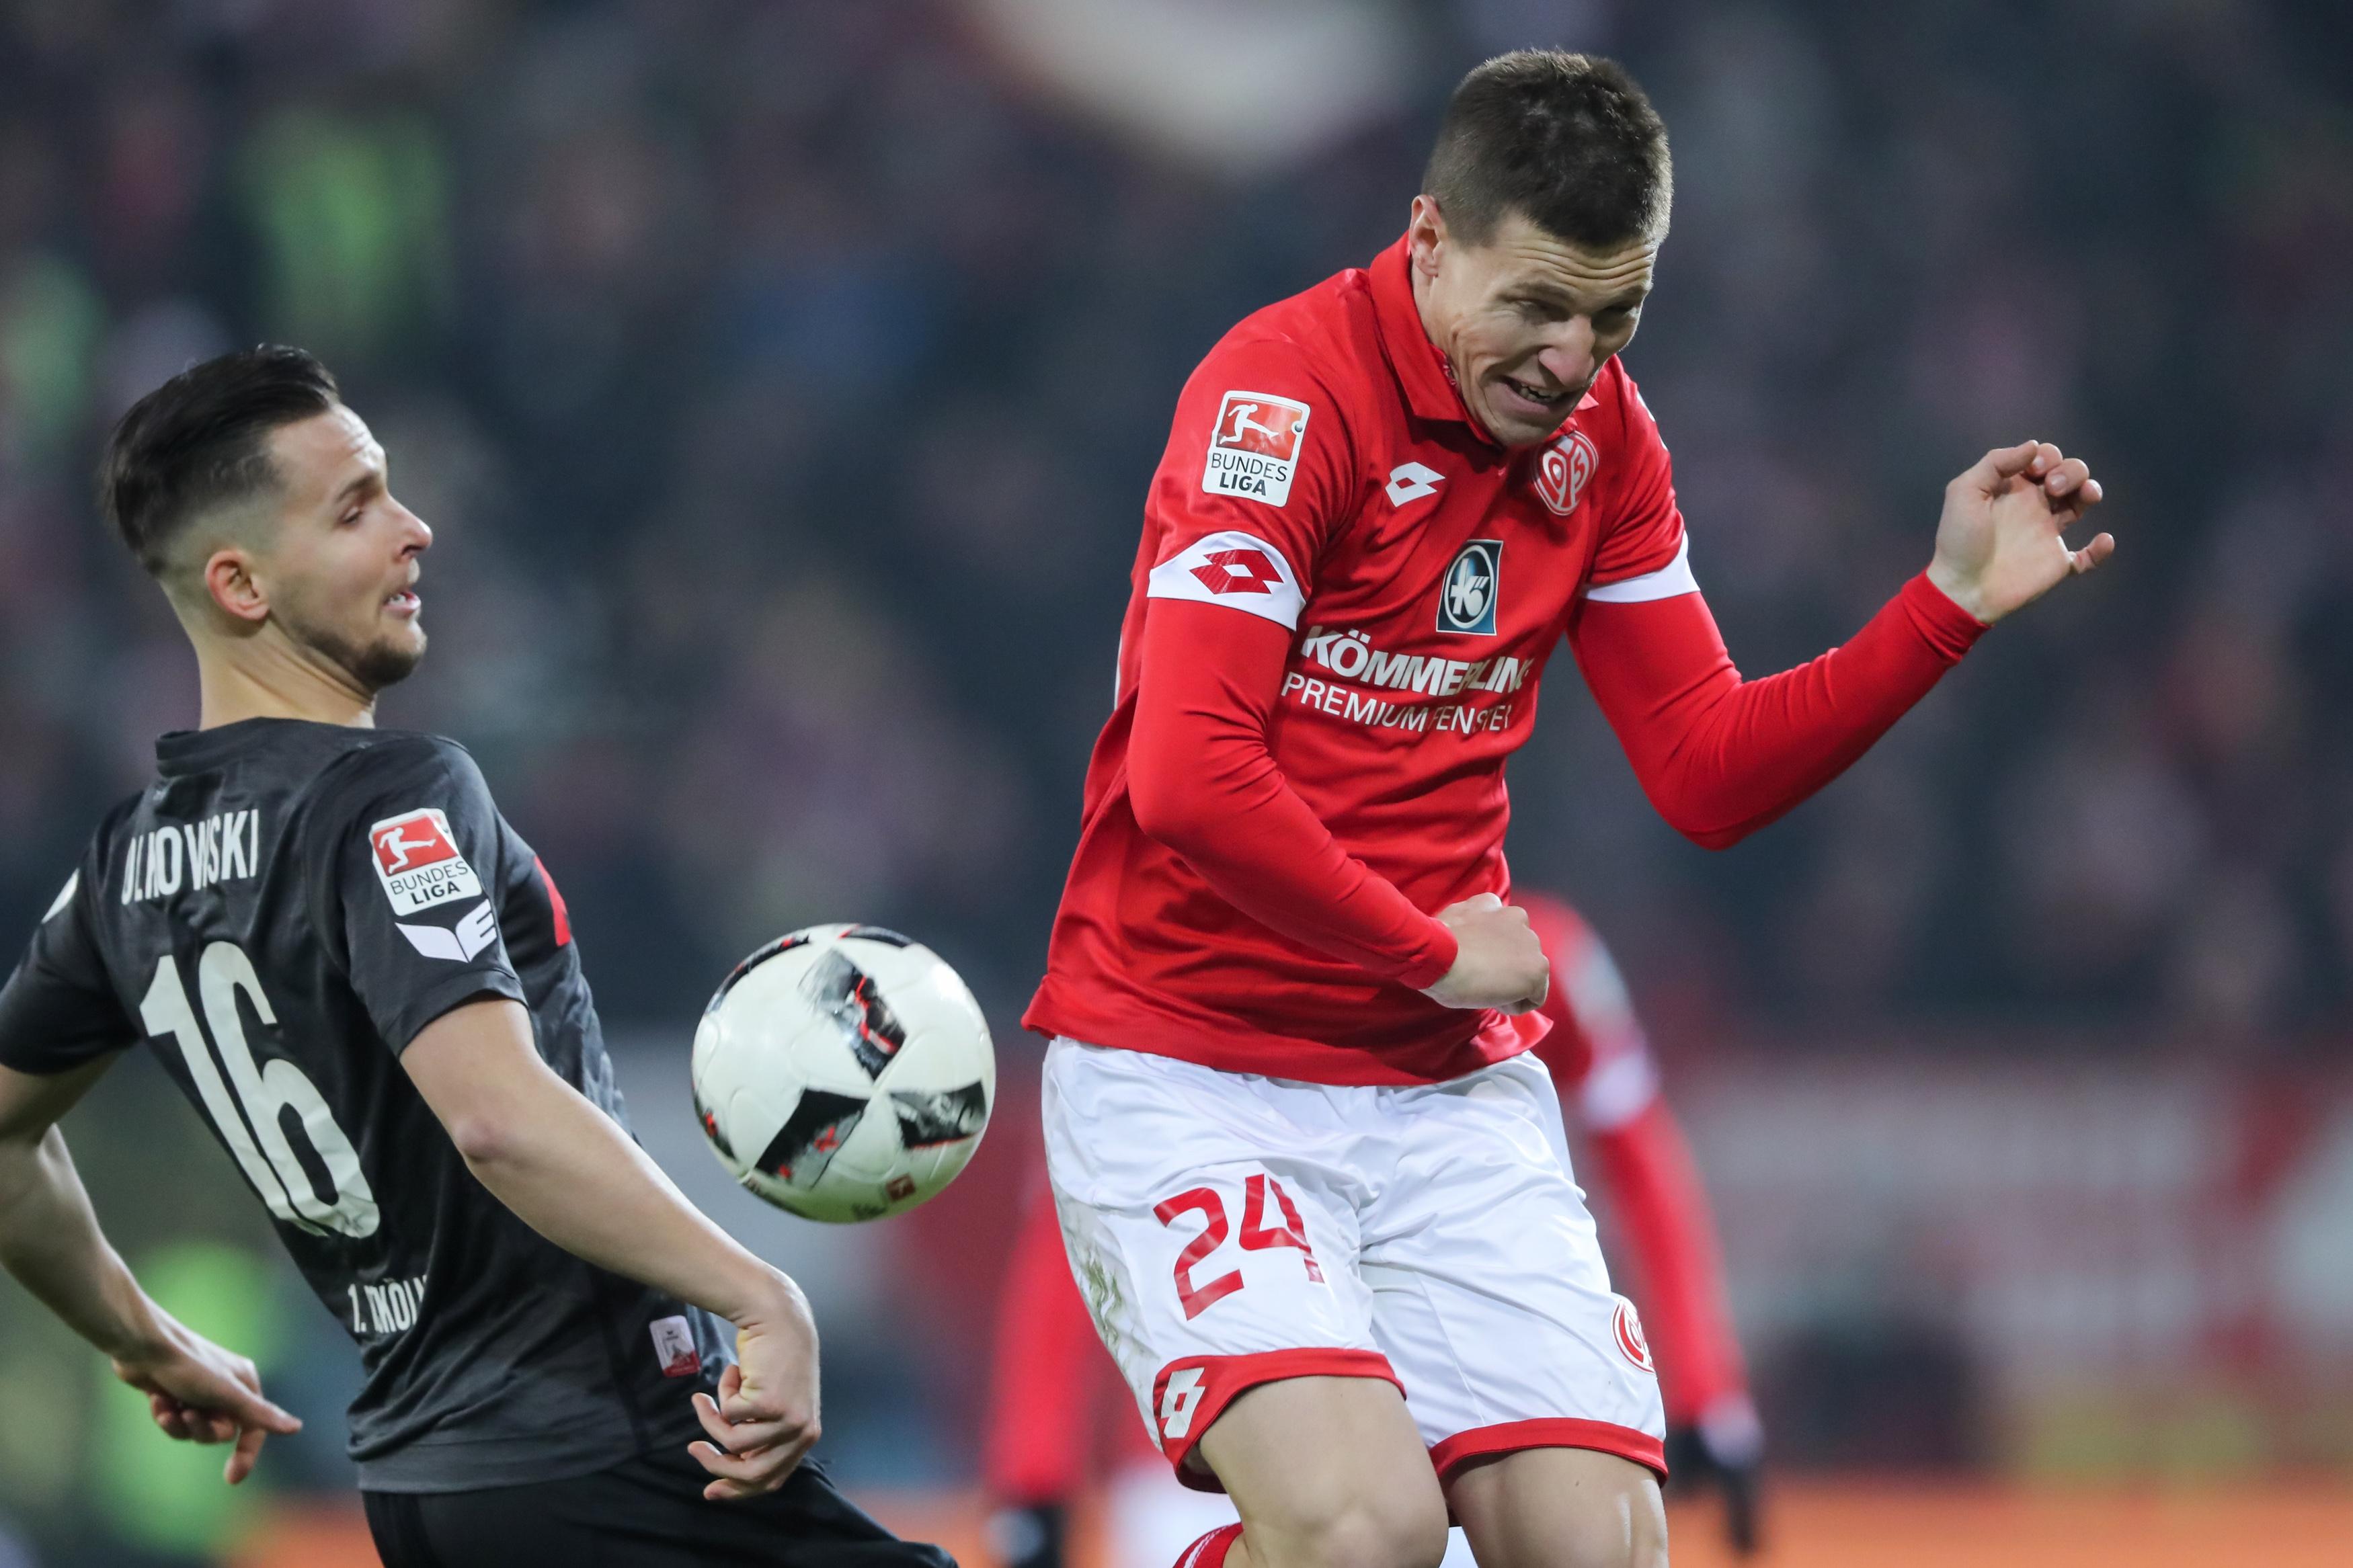 SC Freiburg leiht Gaetan Bussman von Mainz 05 aus